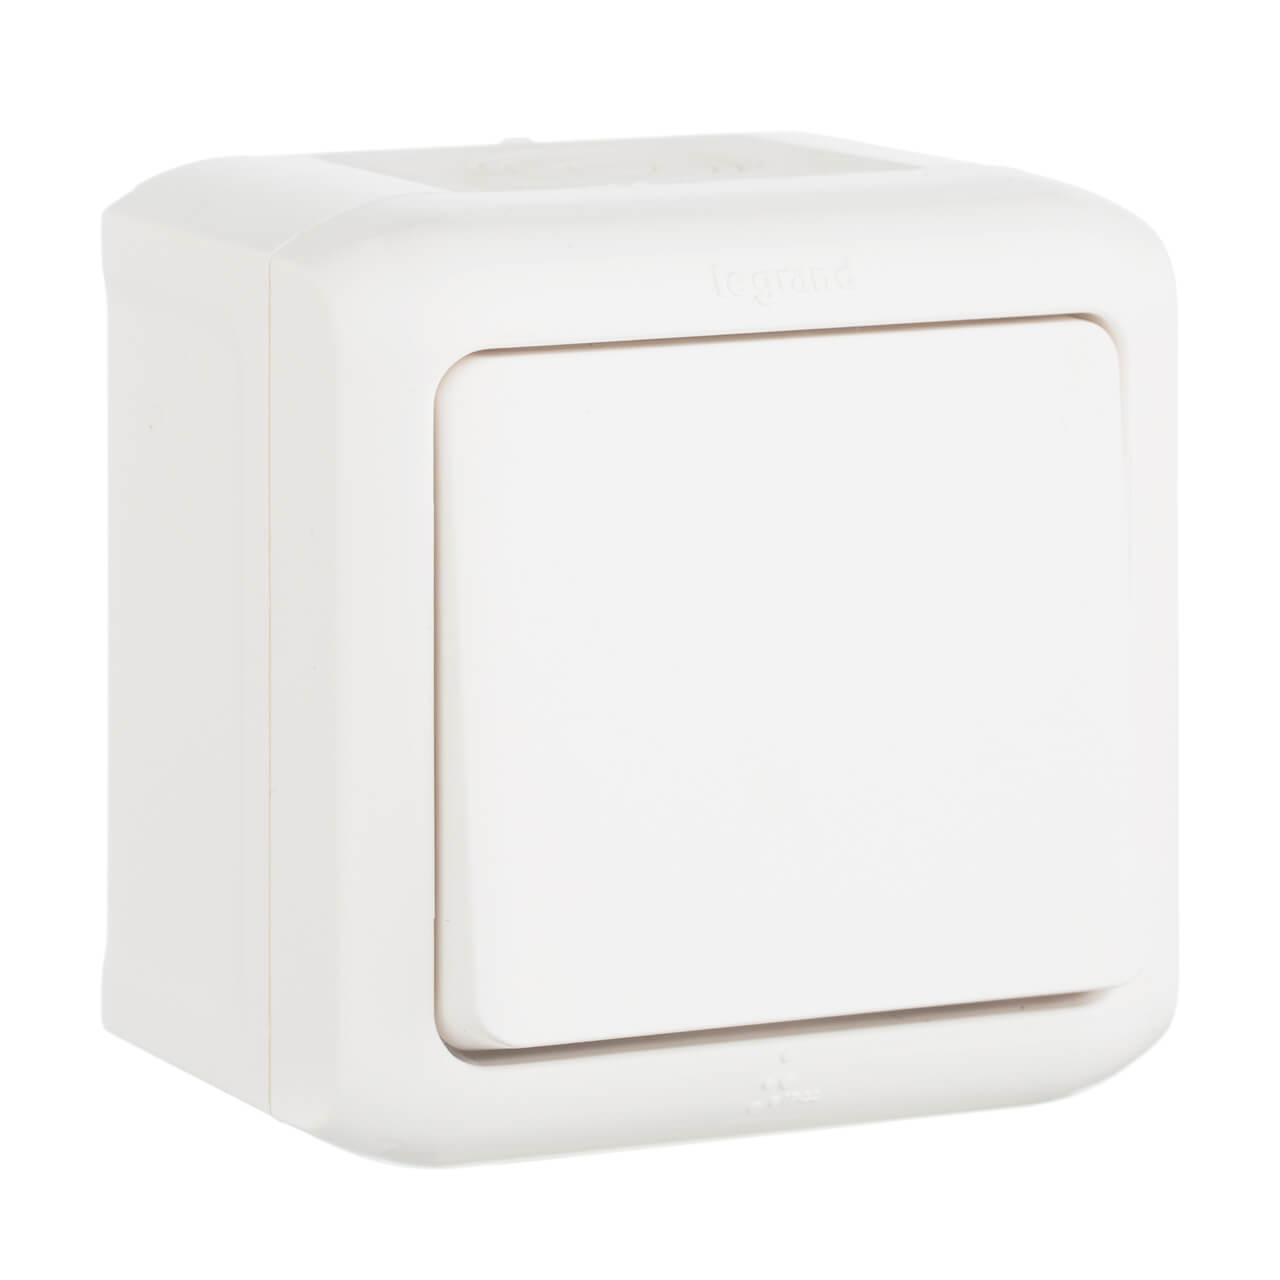 Переключатель одноклавишный на 2 направления Legrand Quteo 10A 250V IP44 белый 782304 выключатель одноклавишный кнопочный legrand quteo 6a 250v белый 782205